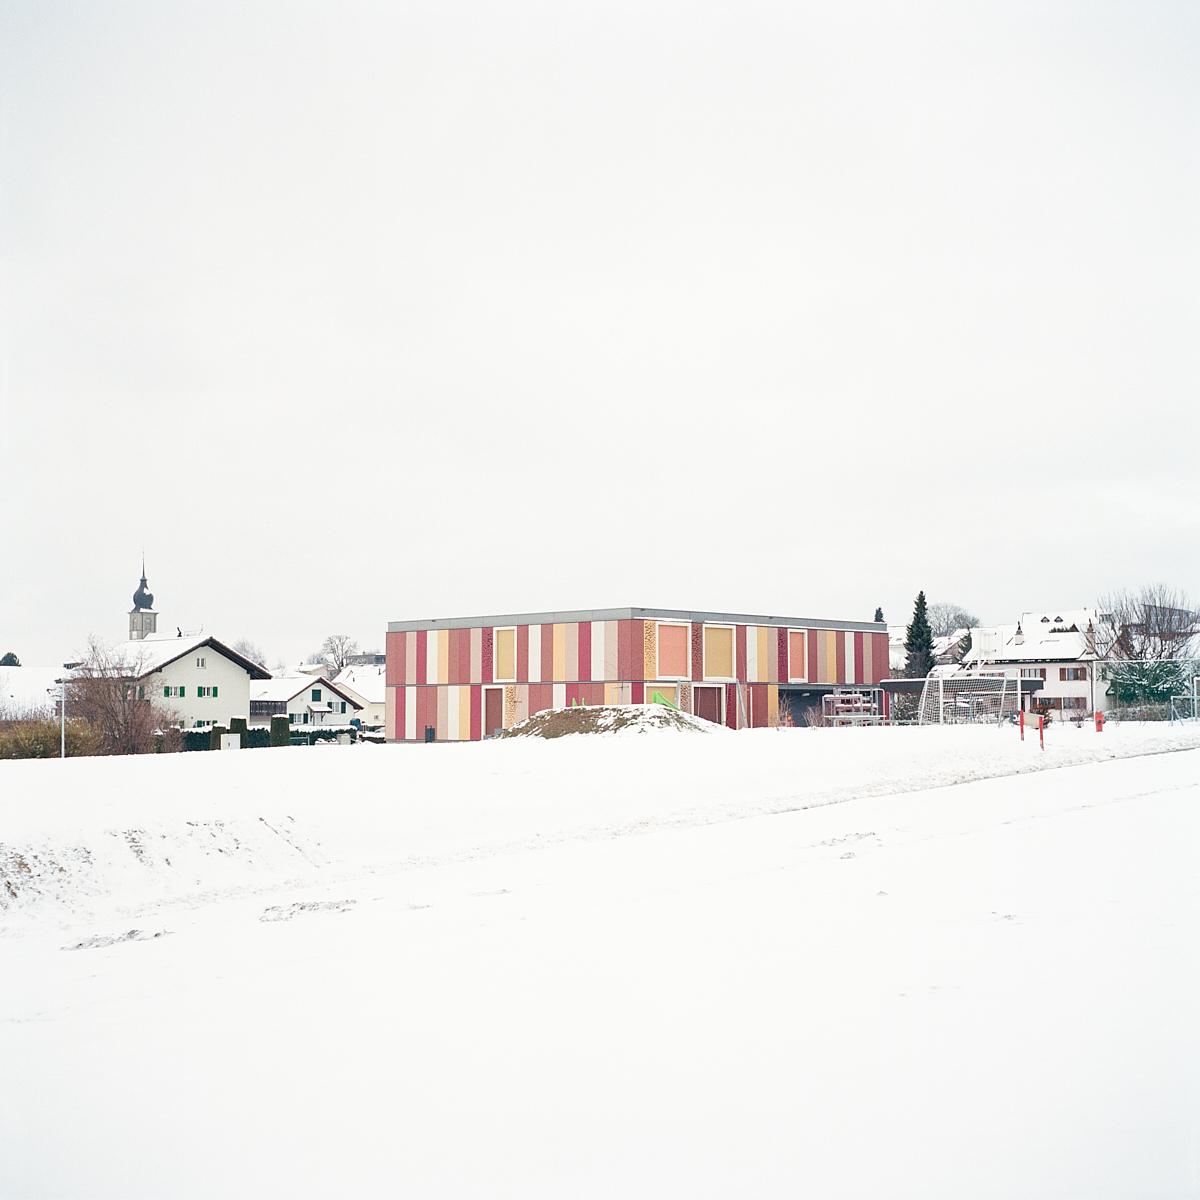 Vue de l'école primaire de Lentigny. C'est ici qu'Ilona subissait le harcèlement au quotidien. Lentigny, décembre 2017.